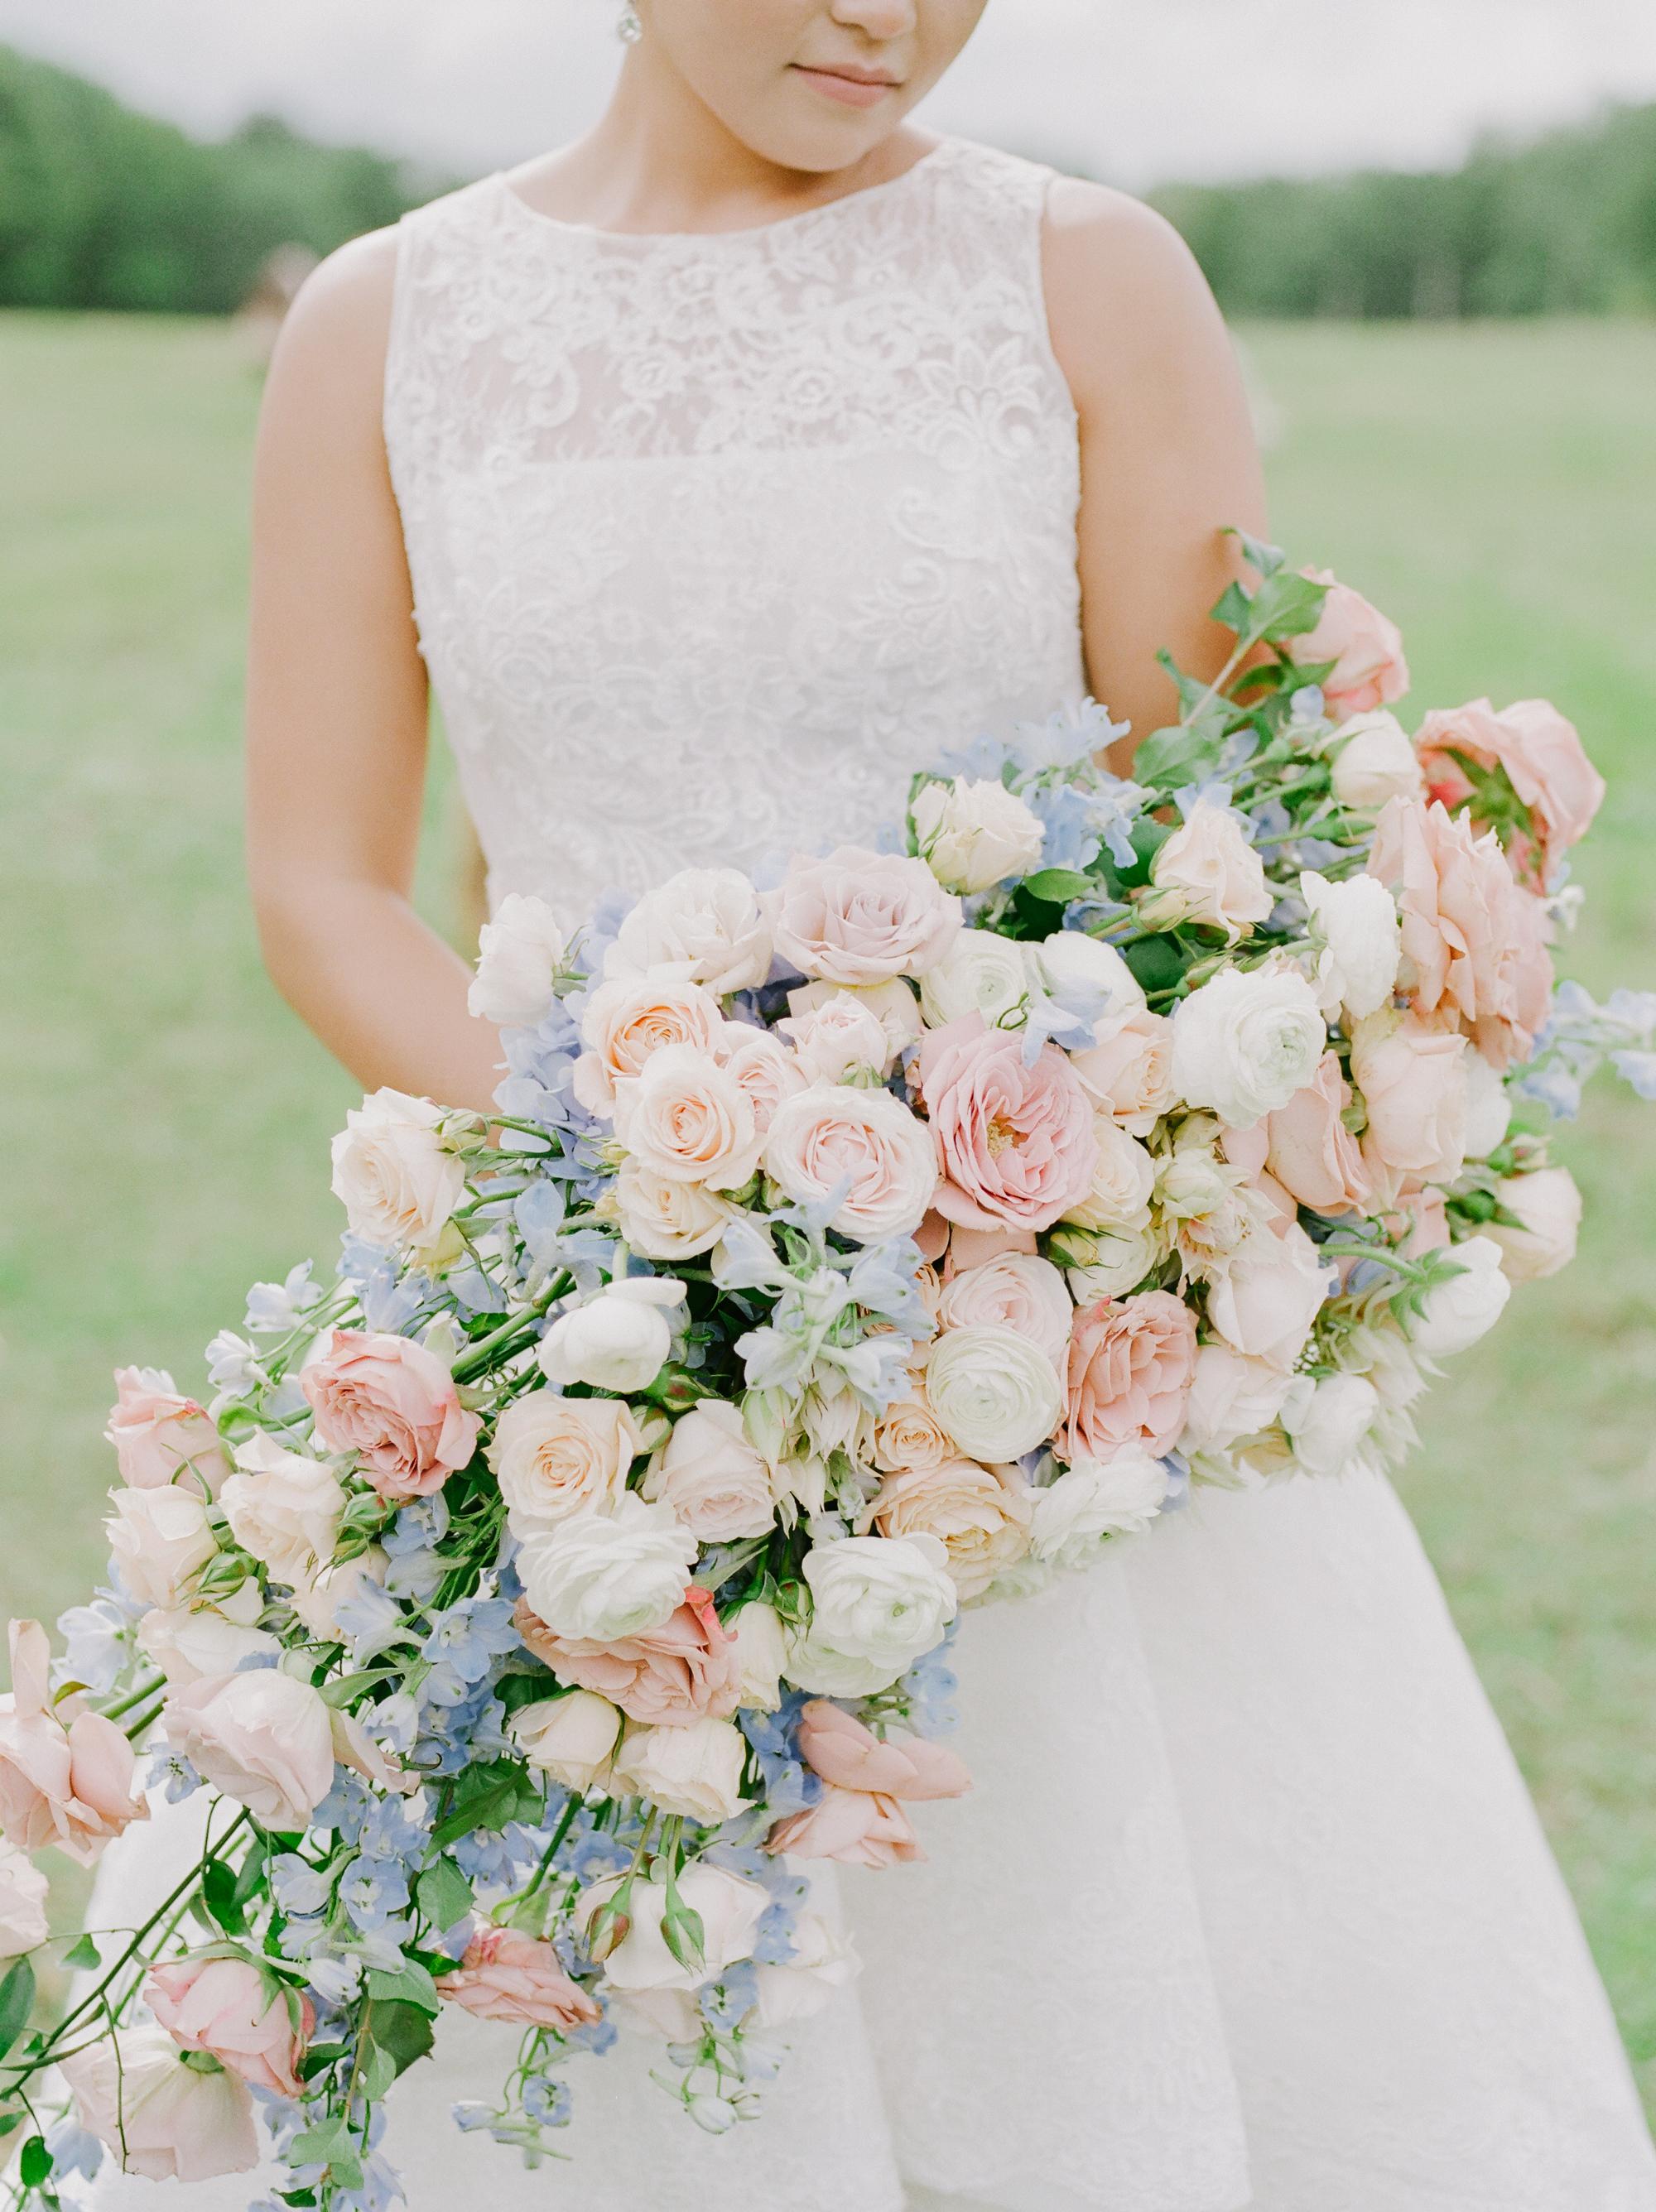 nj_alpaca-farm_wedding_inspiration-72.jpg